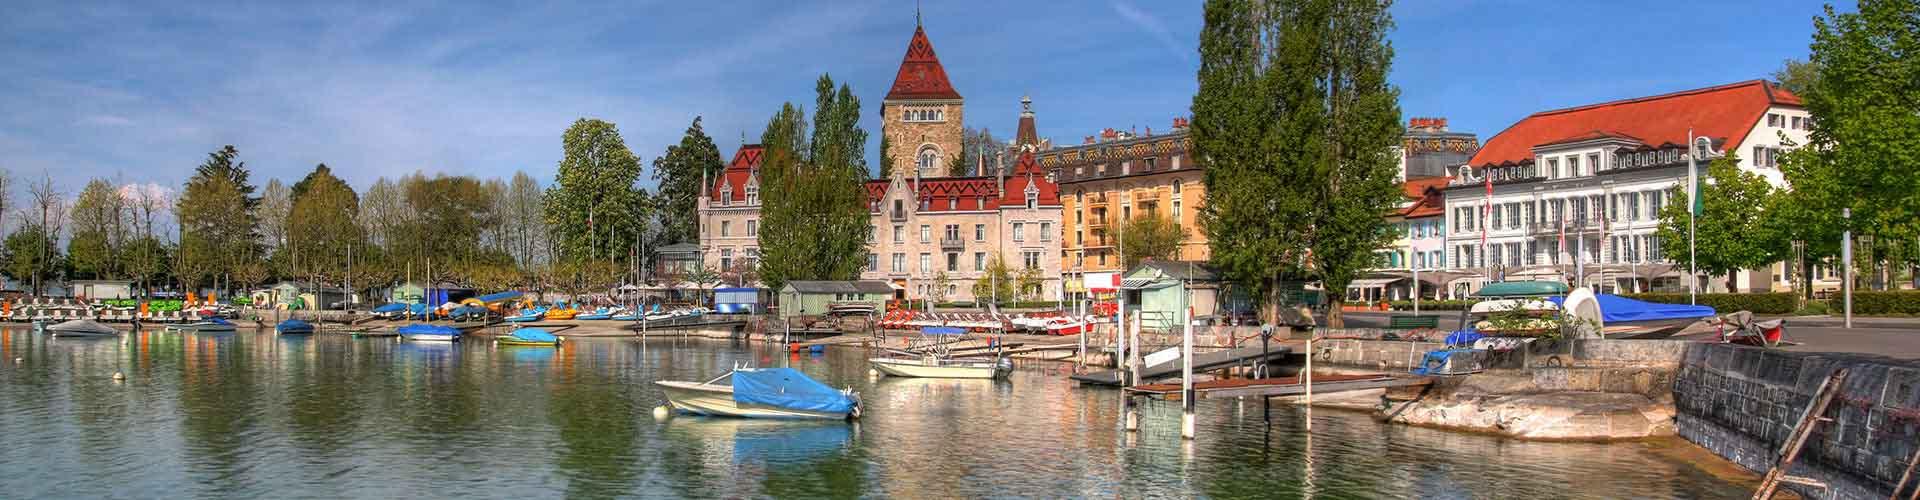 Lausanne - Auberges de jeunesse à Lausanne. Cartes pour Lausanne, photos et commentaires pour chaque auberge de jeunesse à Lausanne.